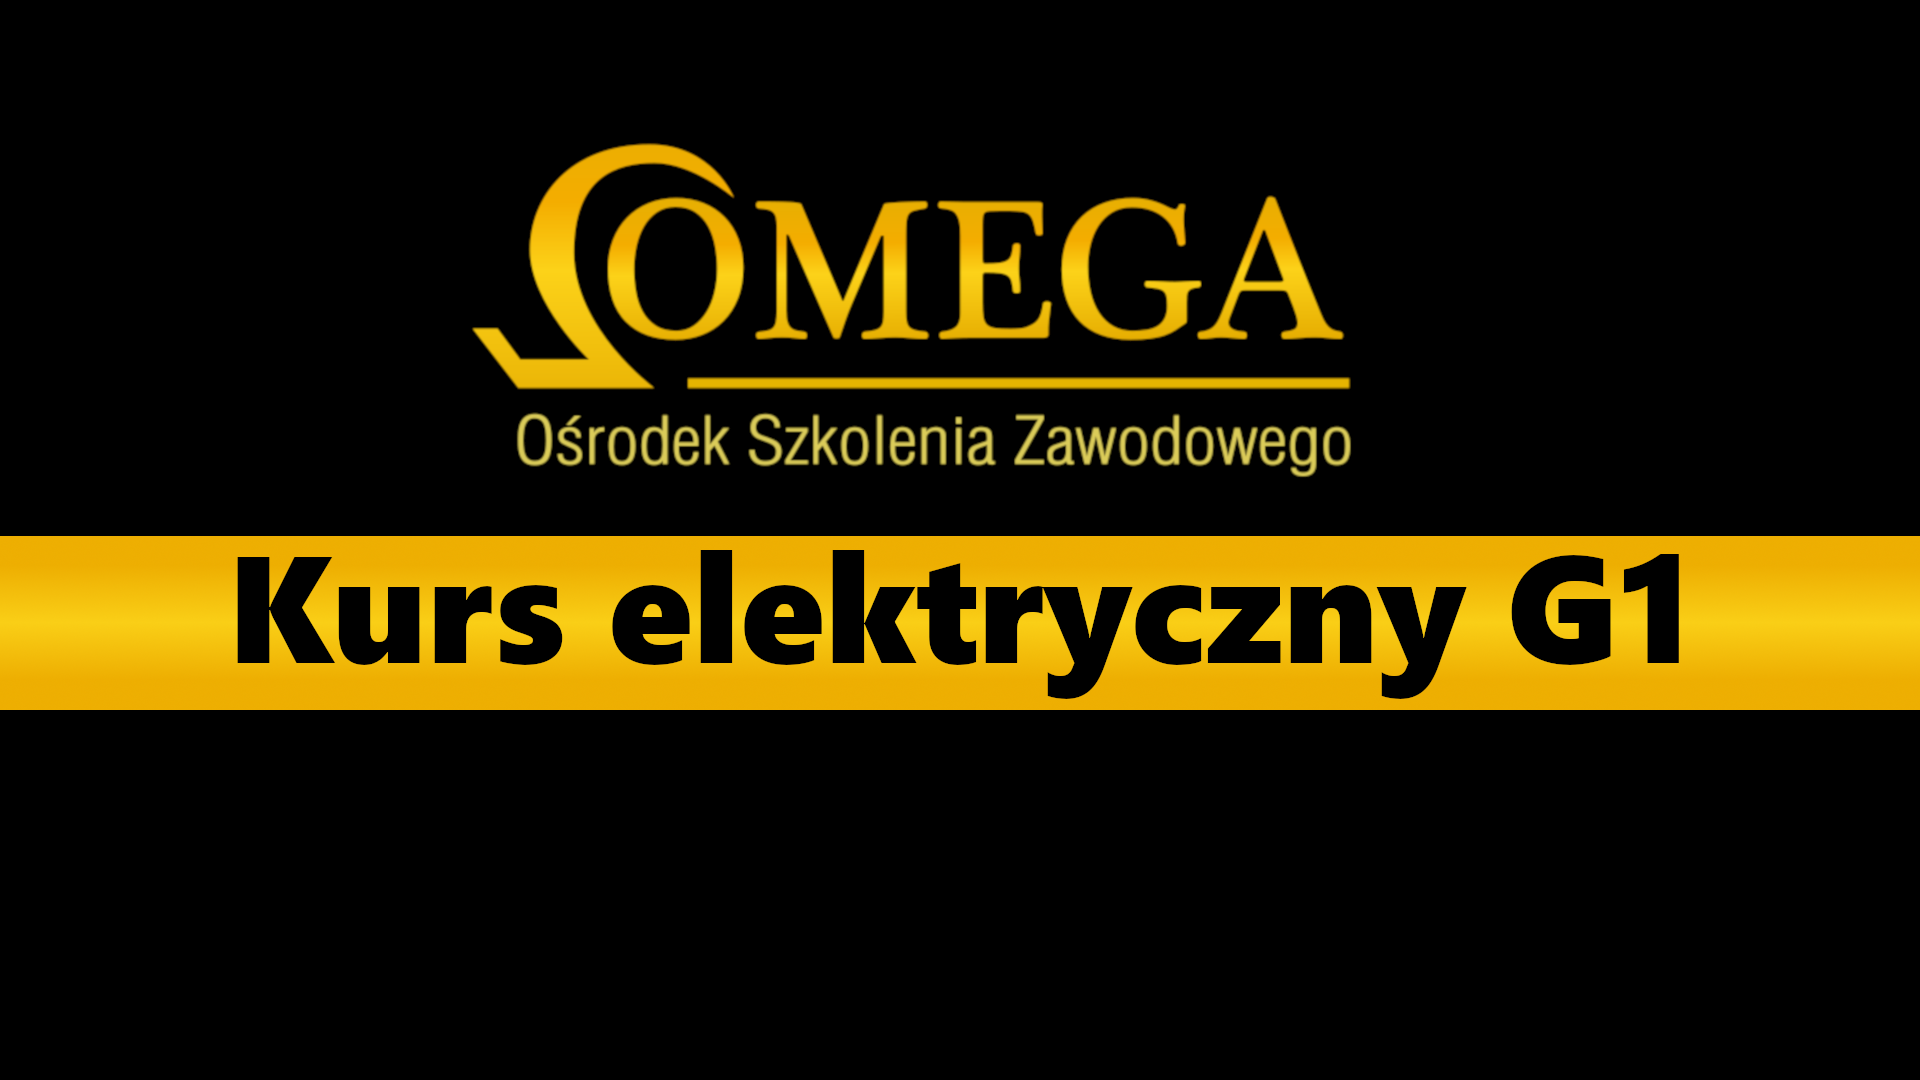 kurs elektryczny g1